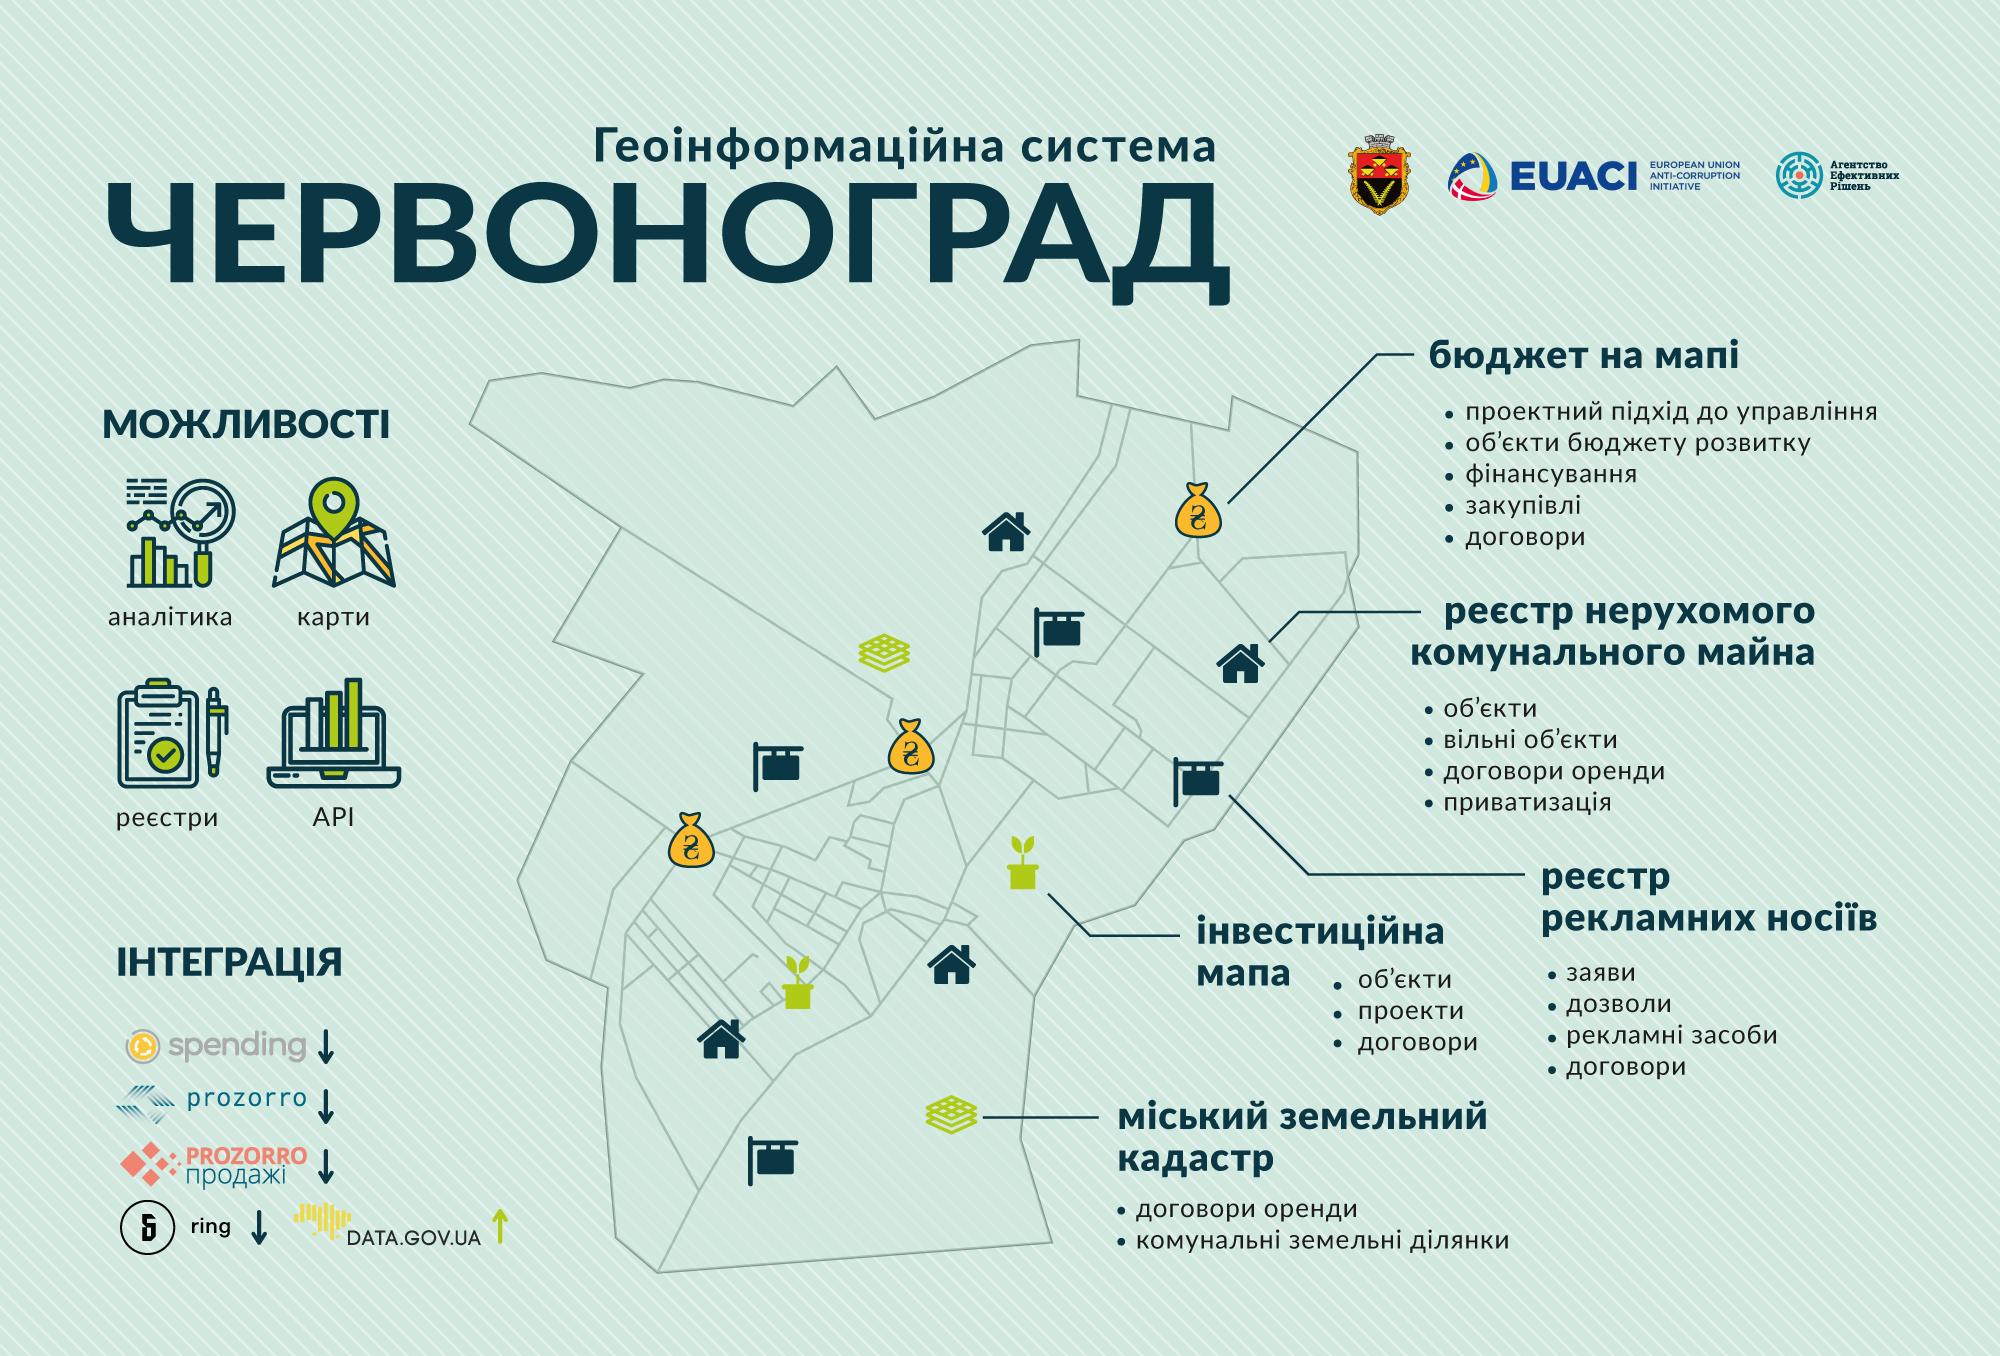 Як зайняти себе під час карантину? Міська рада Червонограда запрошує протестувати новий геопортал міста